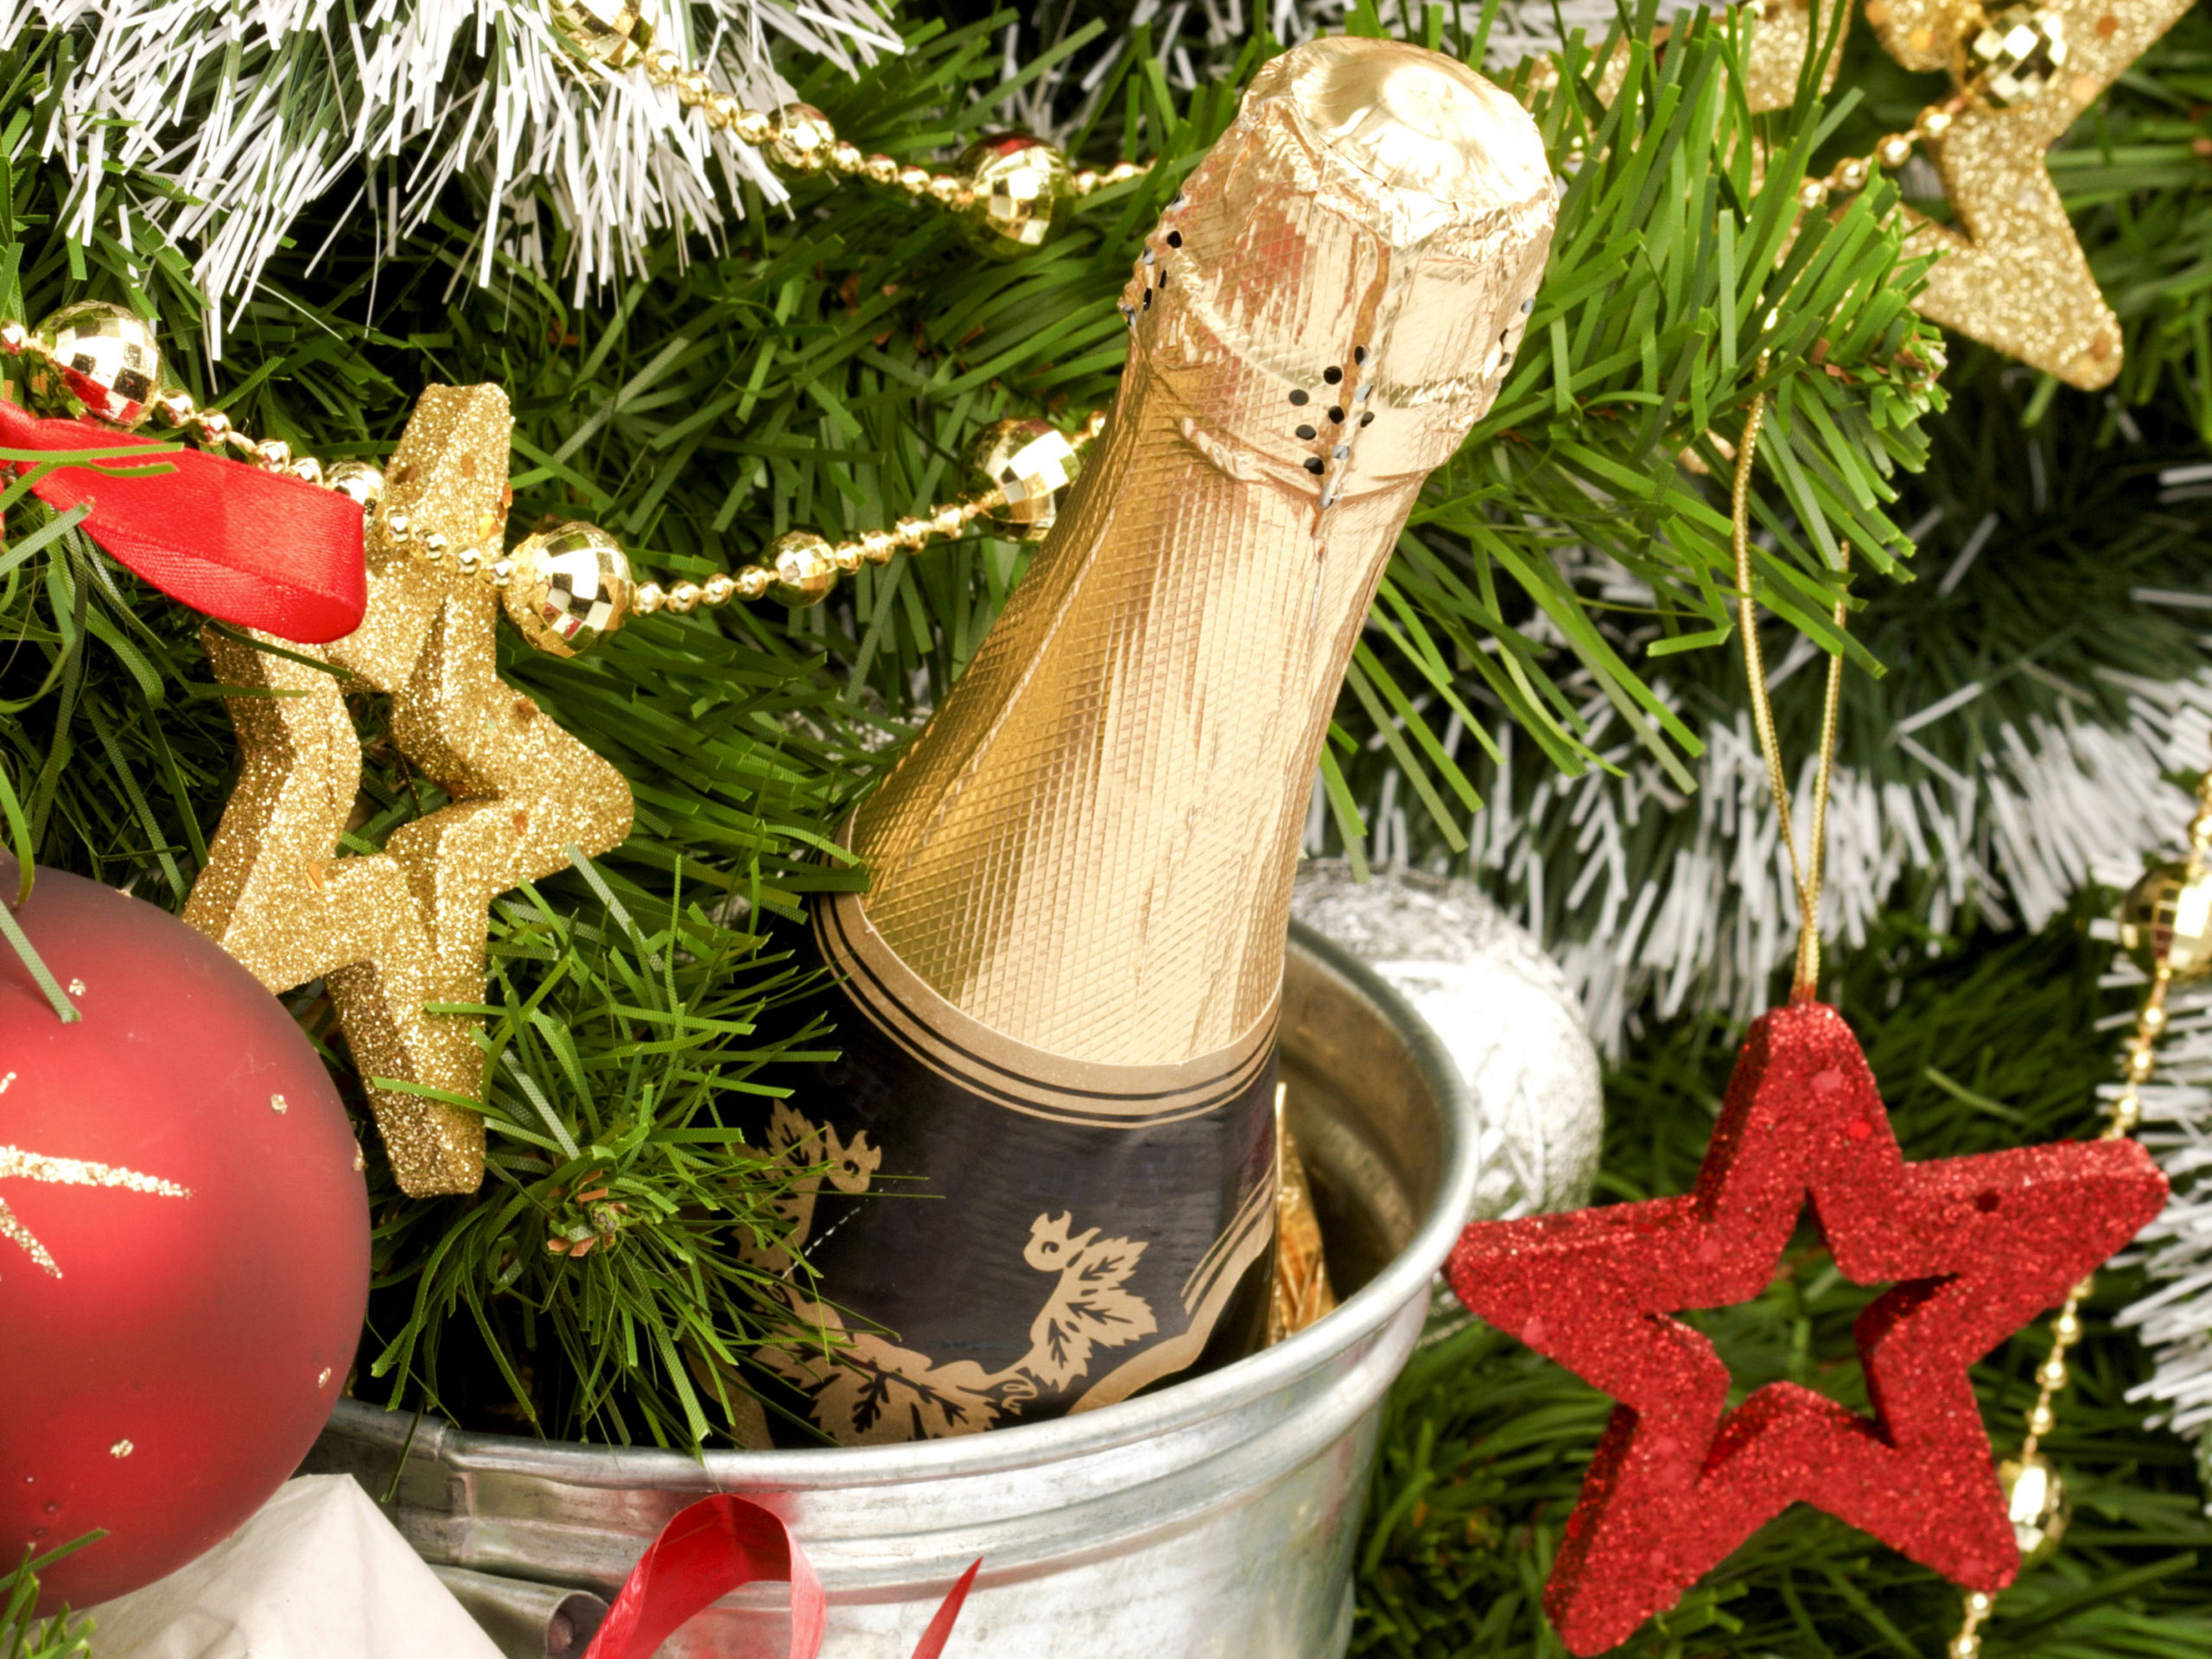 Диетолог призвала россиян отказаться в новогоднюю ночь от шампанского